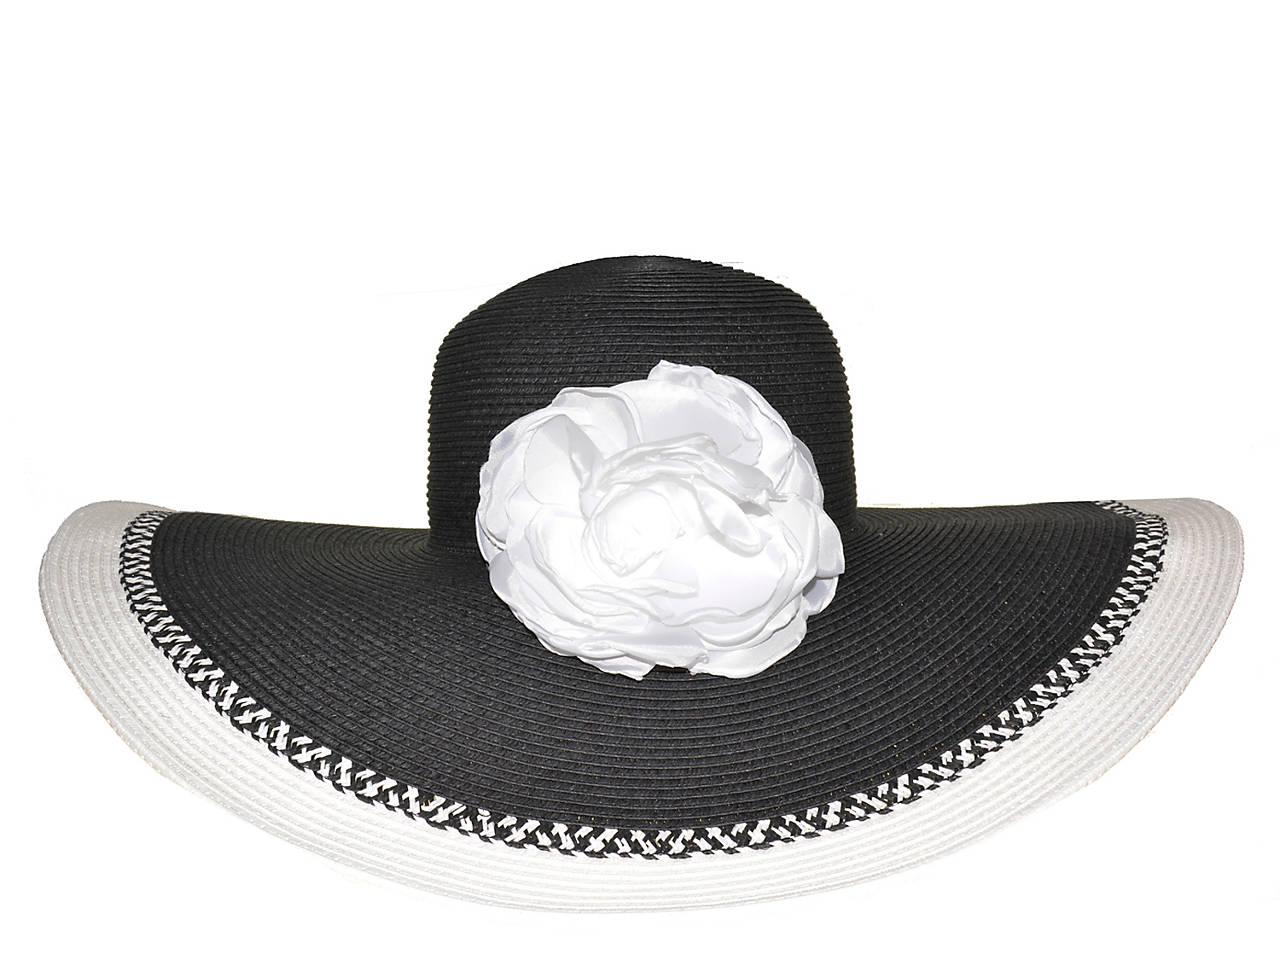 42d499856fd9e8 Nine West Floral Super Floppy Hat Women's Handbags & Accessories | DSW